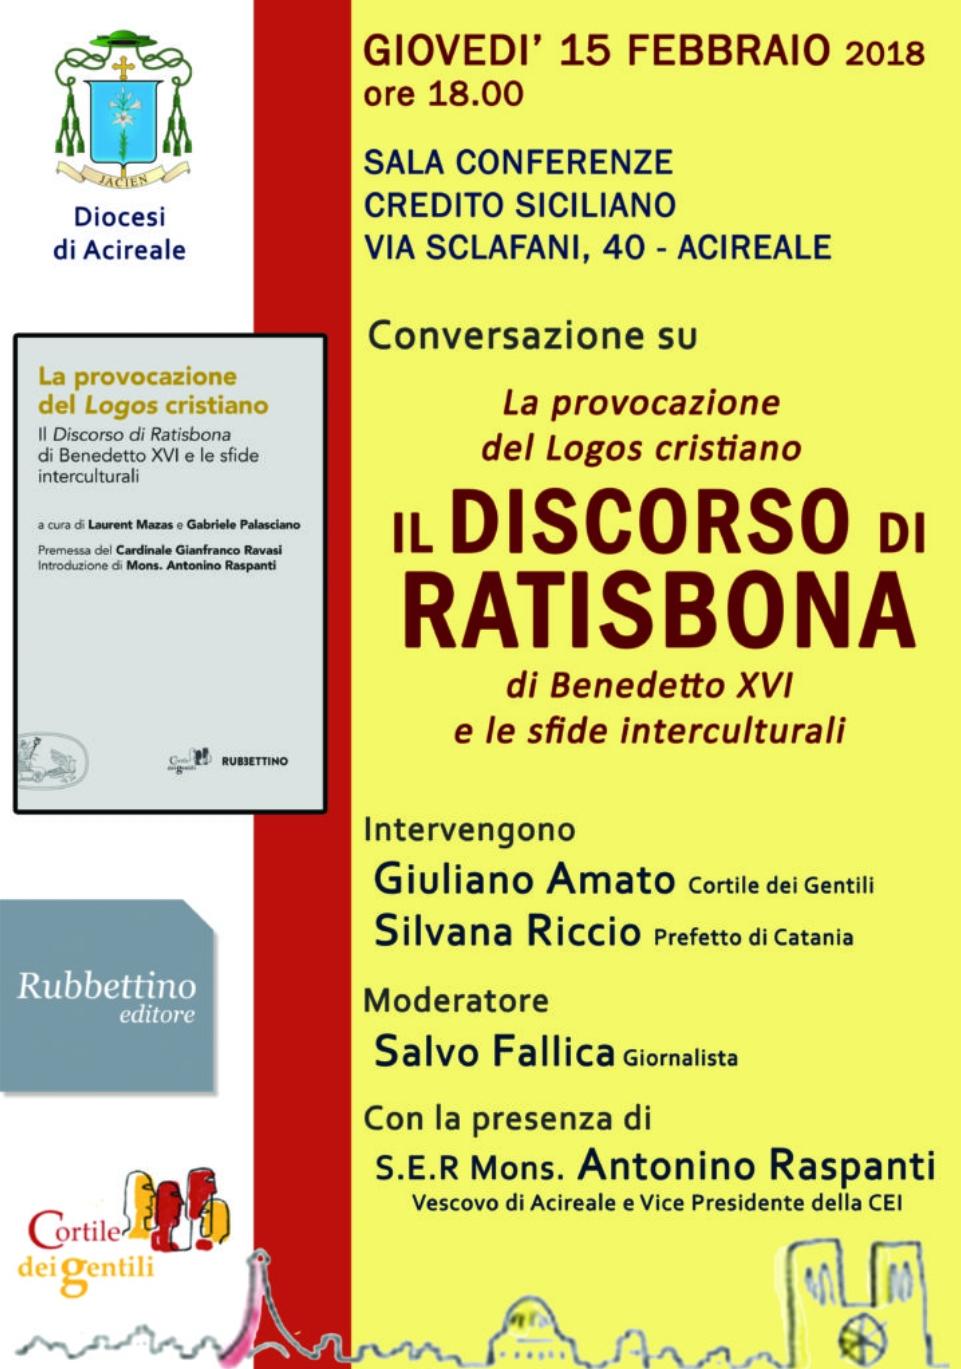 Cultura / La provocazione del Logos cristiano – Il Discorso di Ratisbona di Benedetto XVI e le sfide interculturali